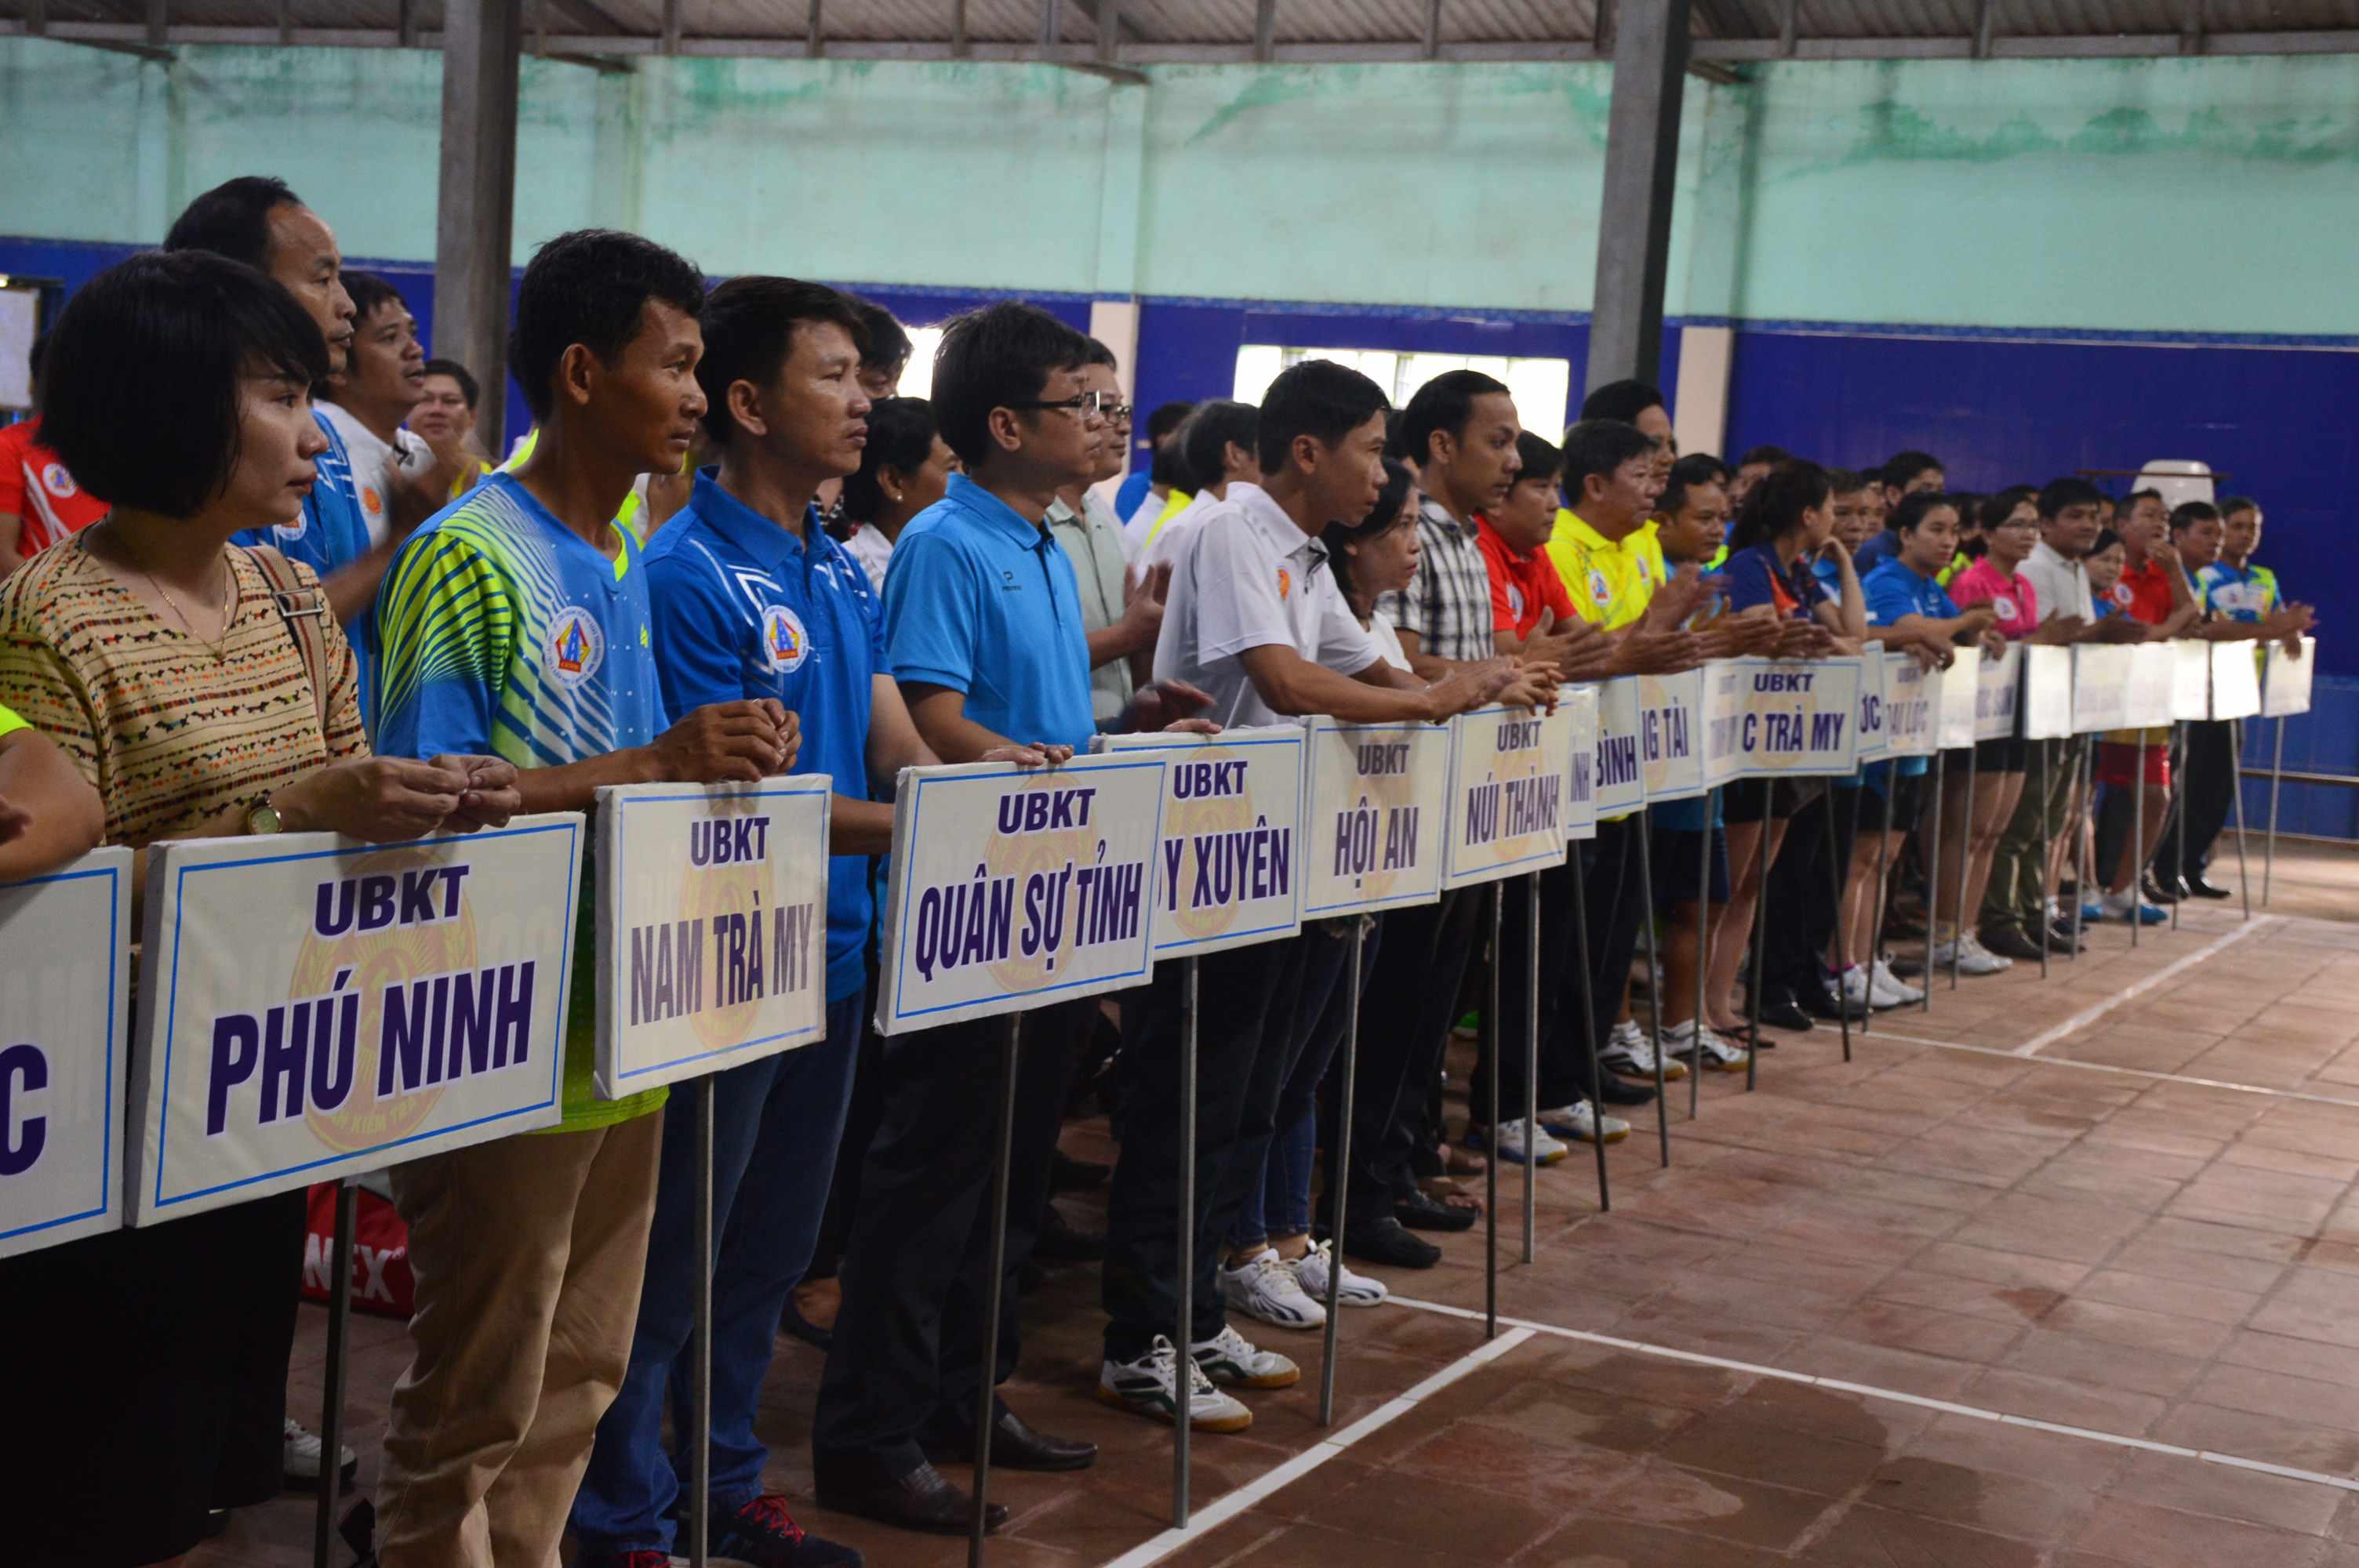 Tham dự giải đấu có 21 đoàn vận động viên đến từ các đơn vị trên địa bàn tỉnh. Ảnh: Q.T